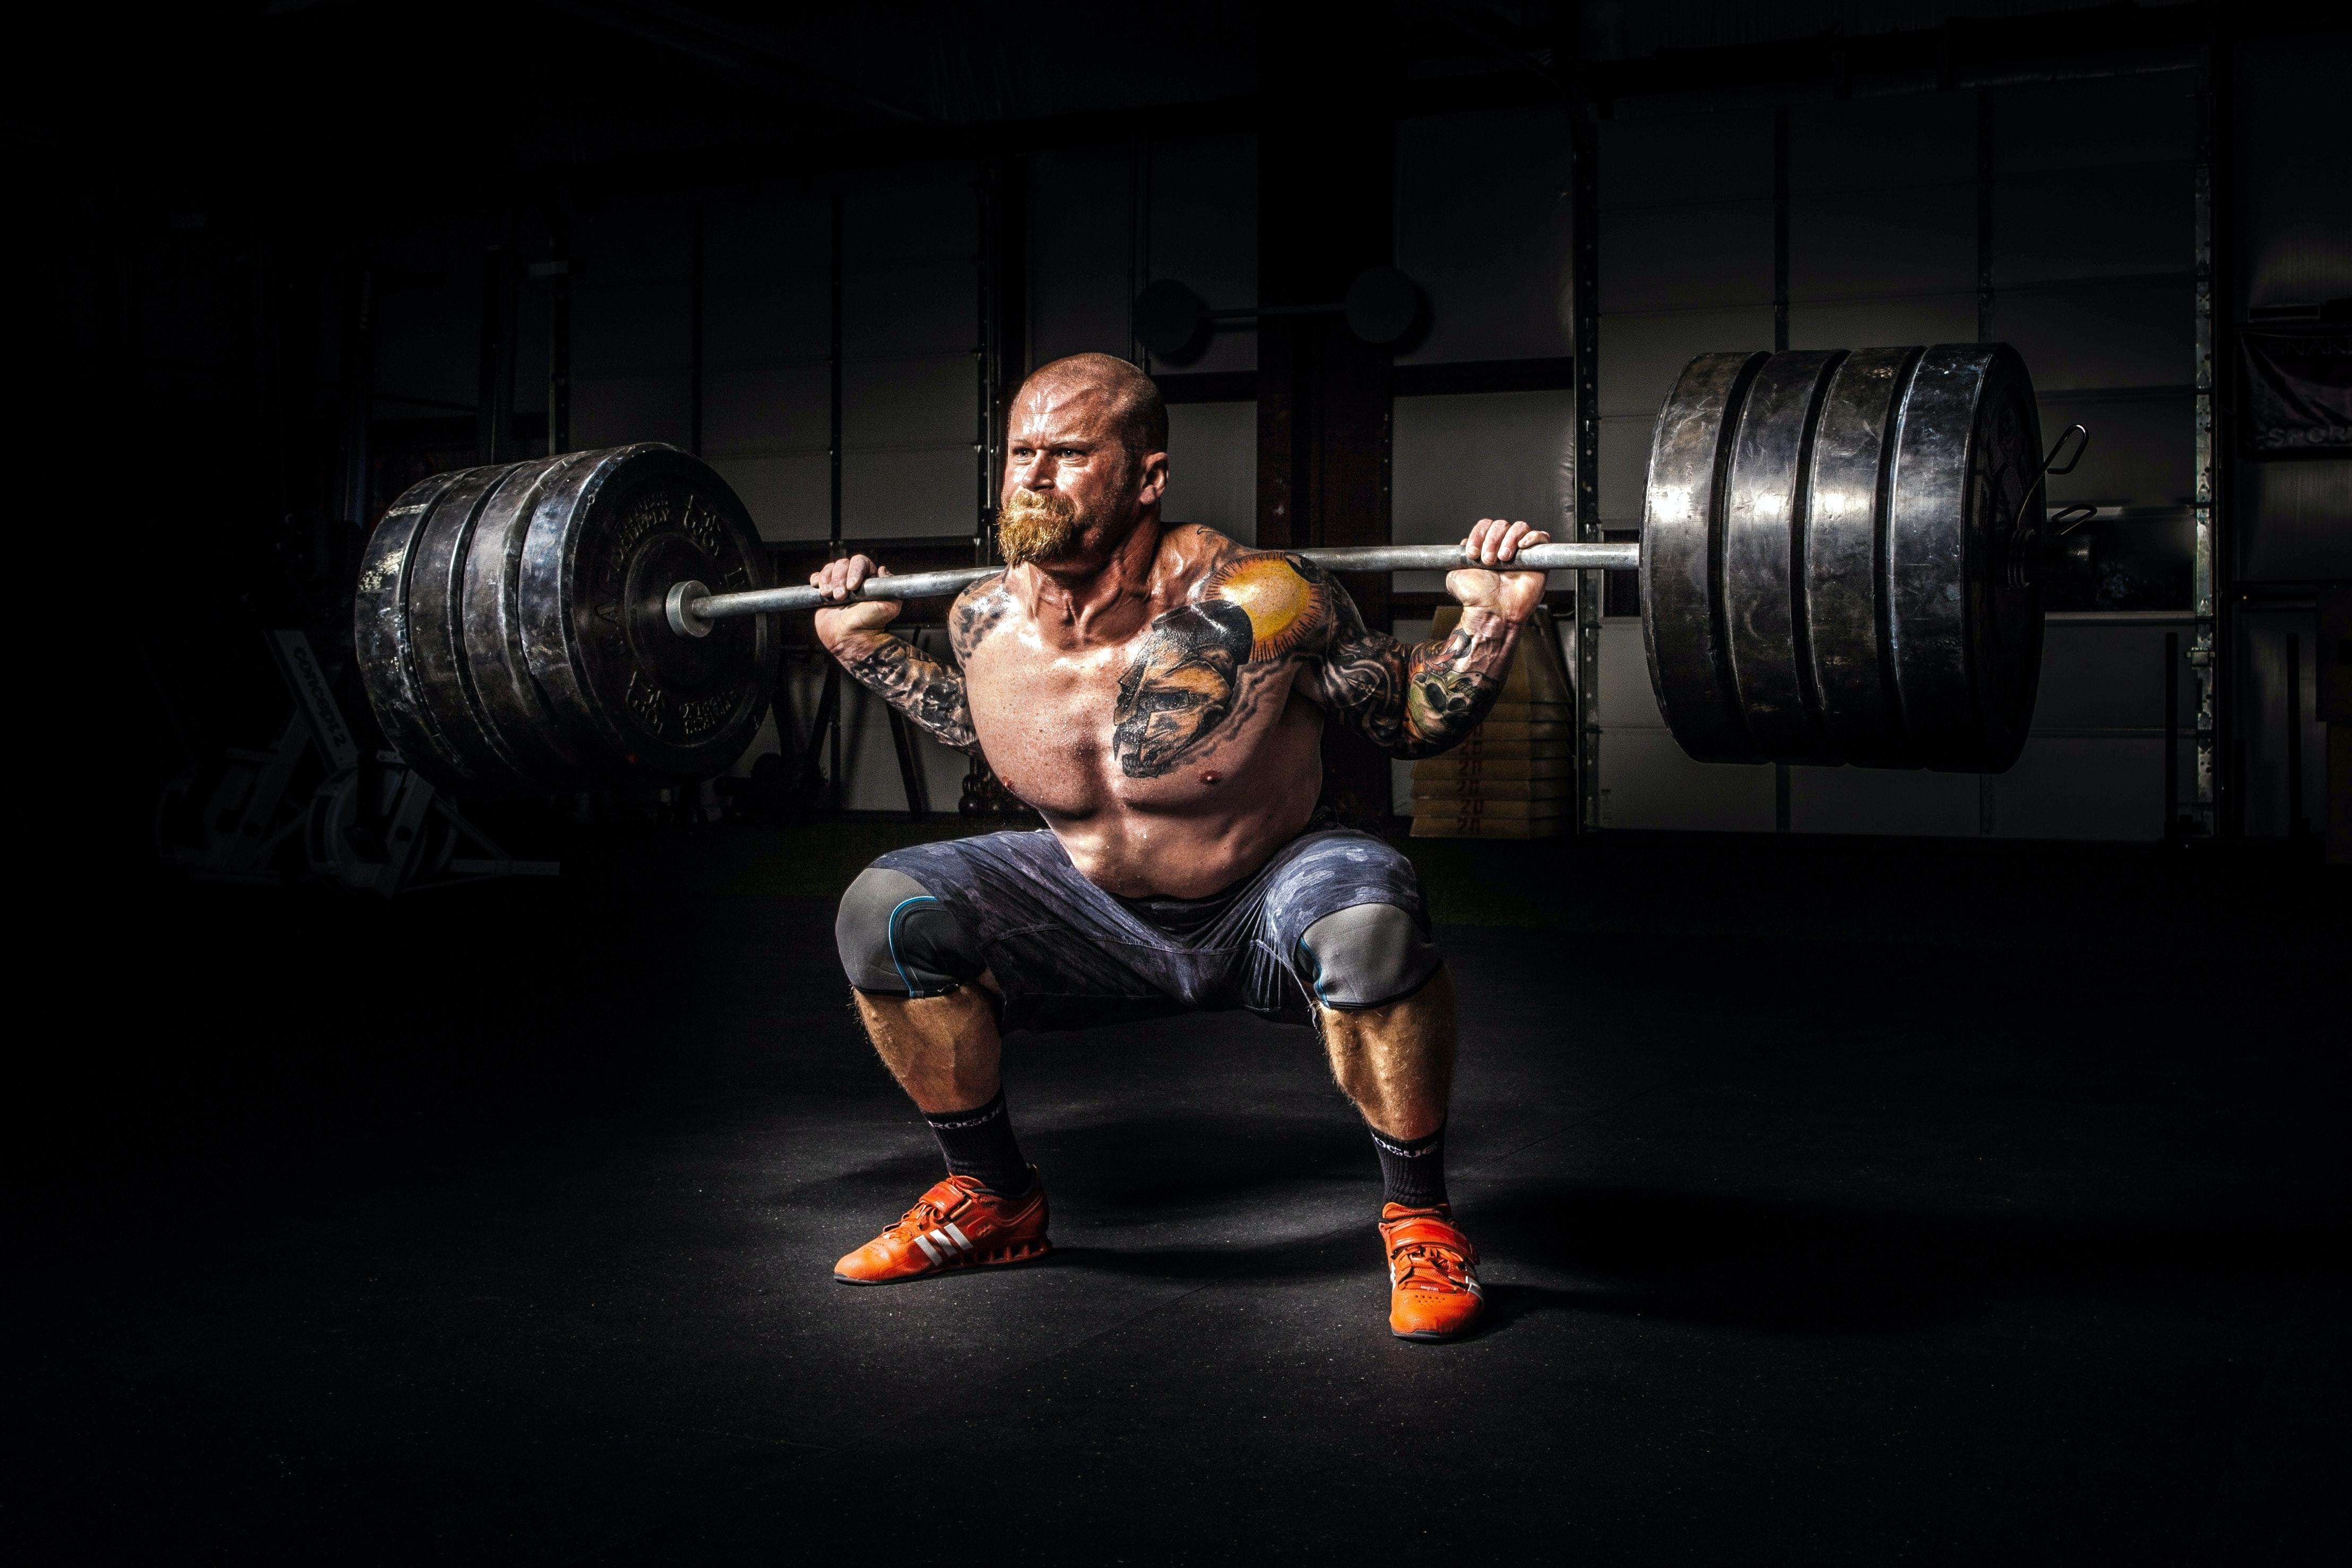 Fitnessstudio wallpaper  Kostenloses Foto zum Thema: anstrengend, anstrengung, ausbildung